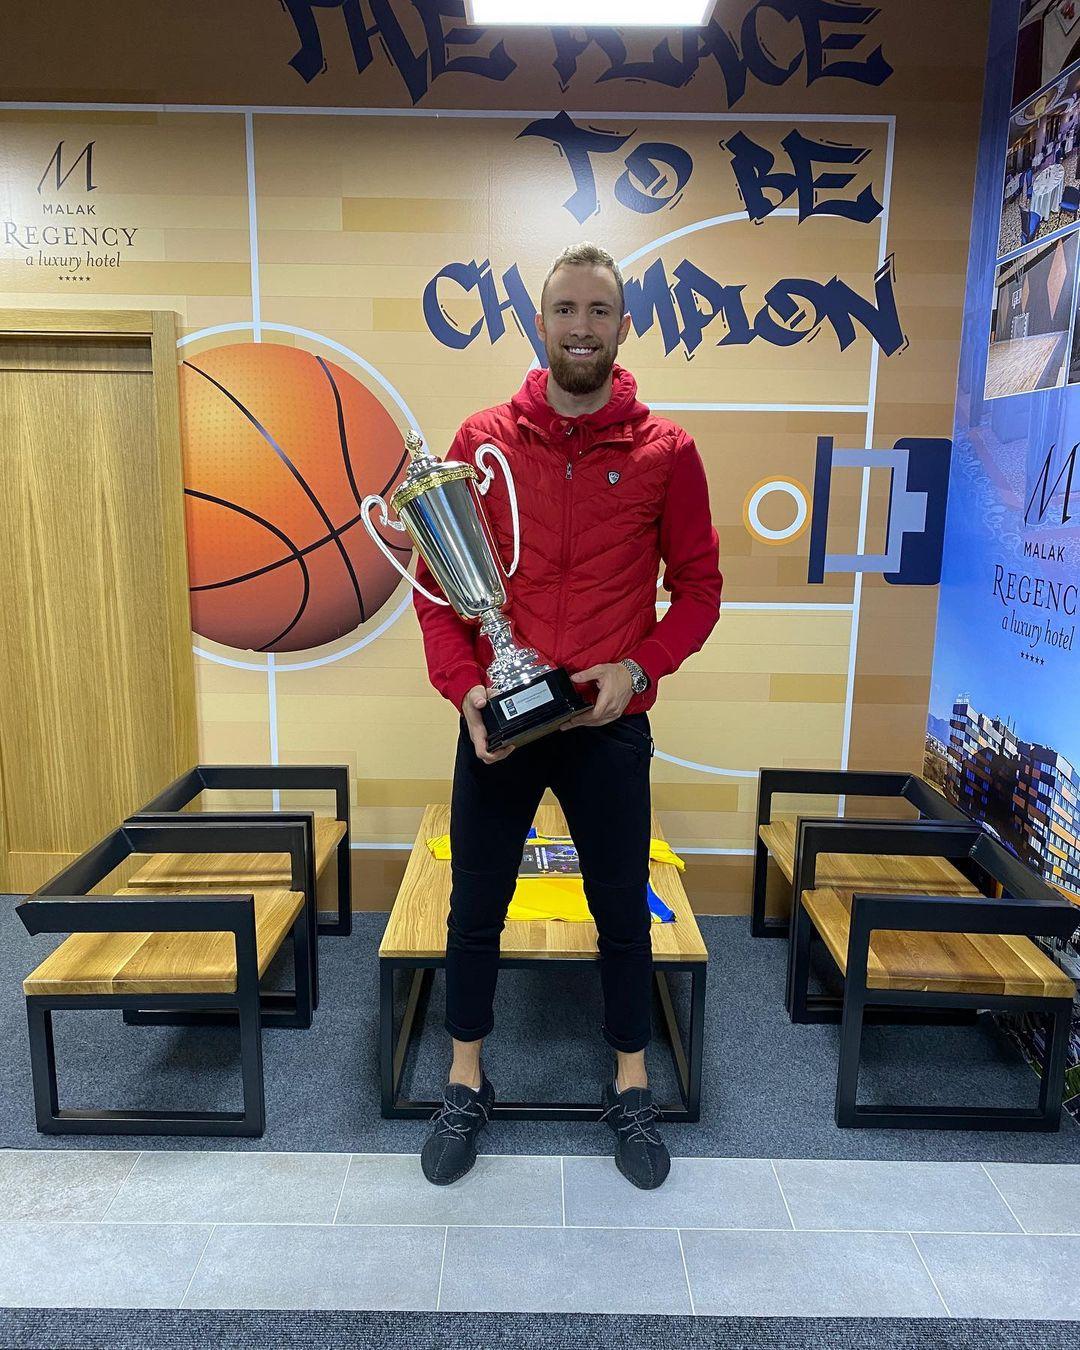 荣归故里!扎南-穆萨晒手捧15年欧锦赛冠军奖杯的照片